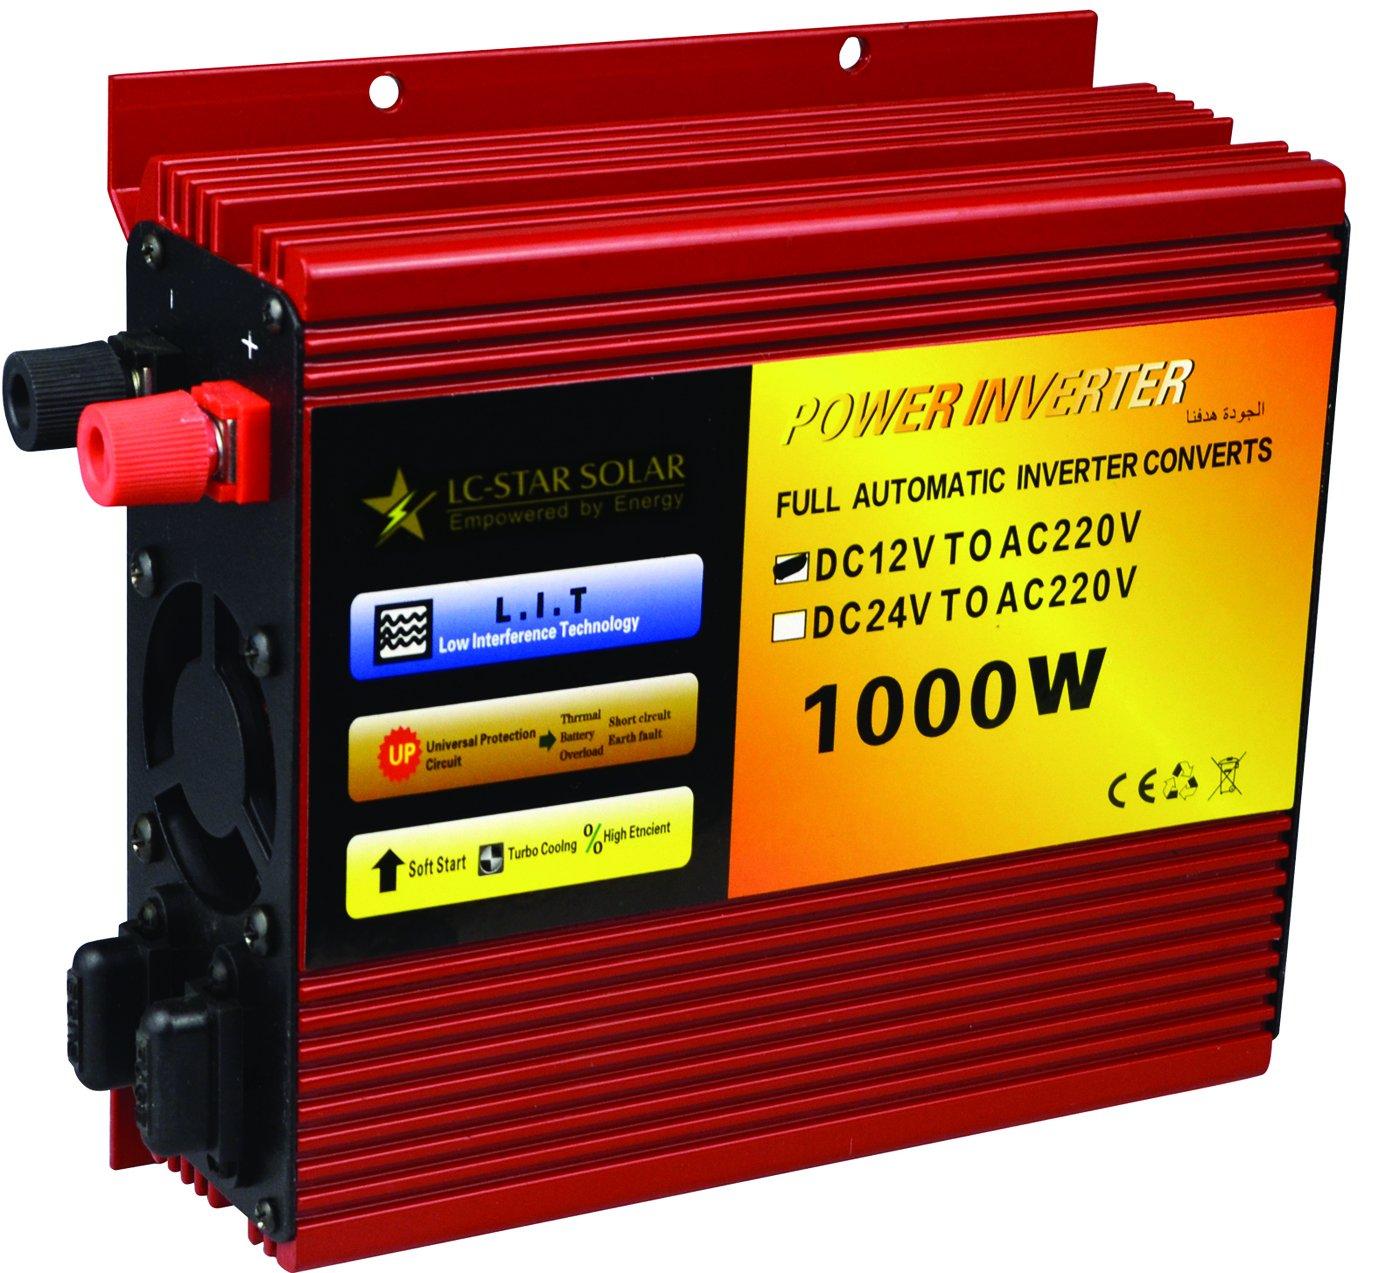 LC-STAR SOLAR 1000W car Power Inverter DC12V to AC 110V Converter for Car Home Laptop Truck LONGCHI TECHNOLOGY